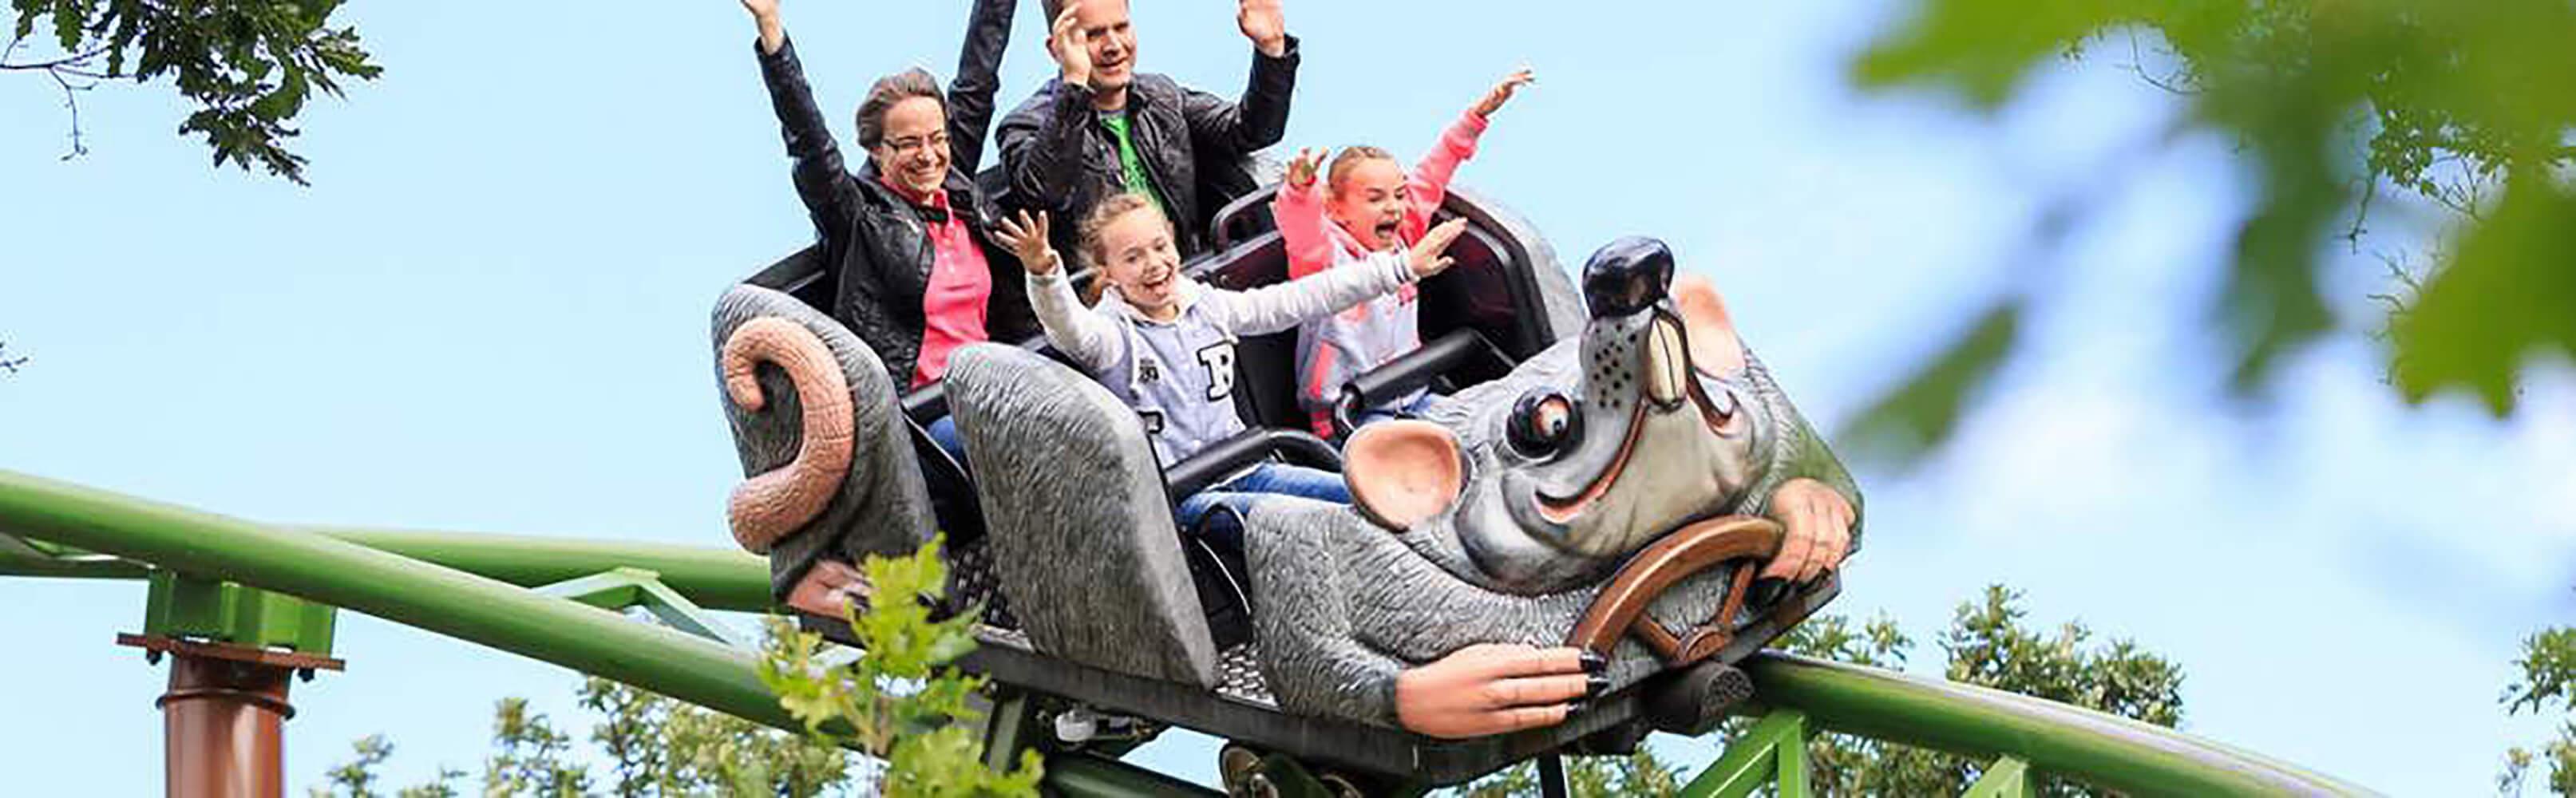 Familypark - Österreichs größter Freizeitpark 1